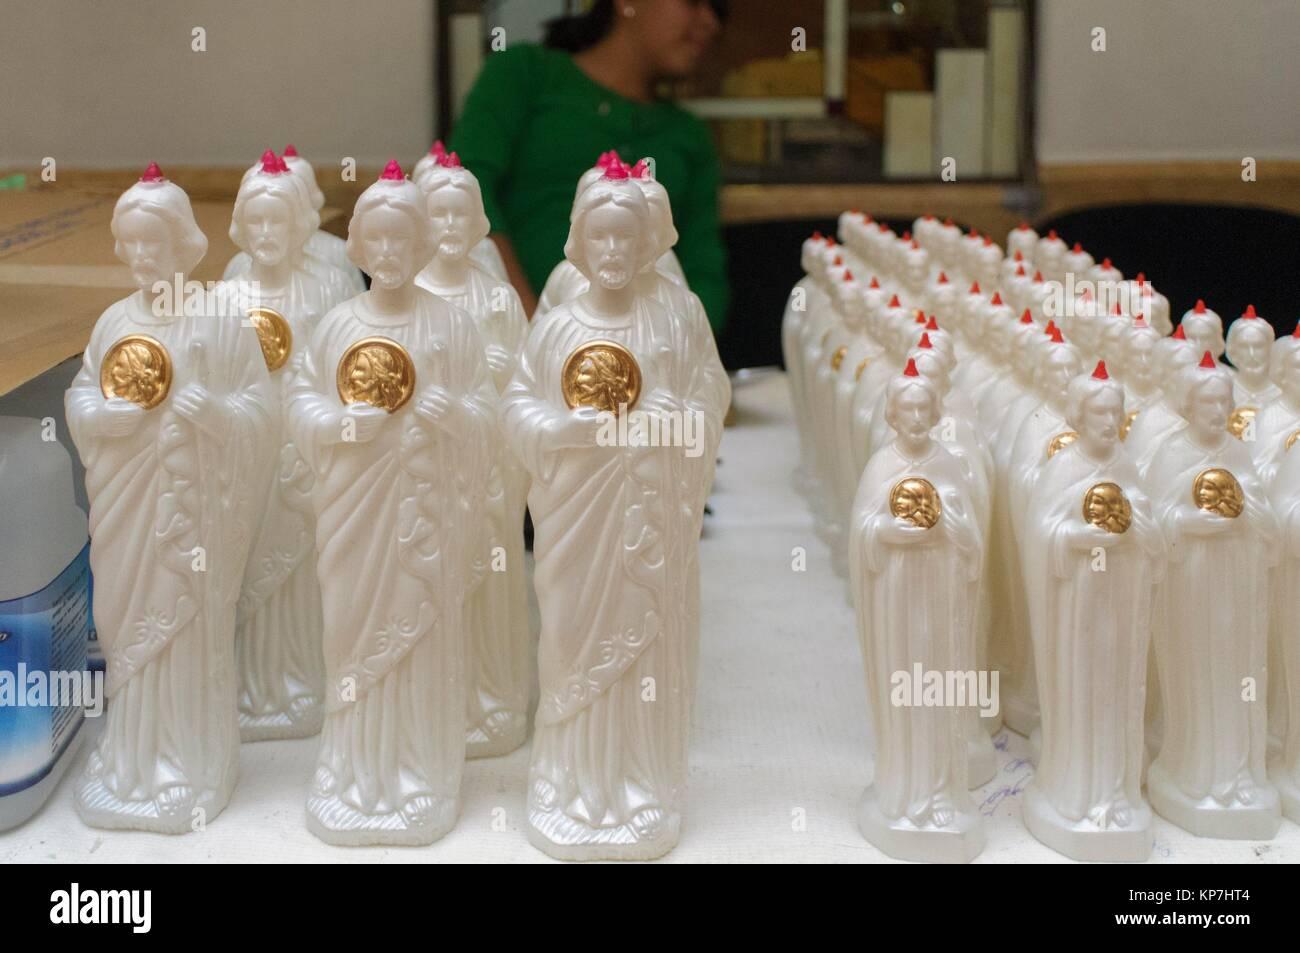 Peregrinación San Judas Tadeo 28 de octubre, Distrito Federal, Mexico, America - Stock Image